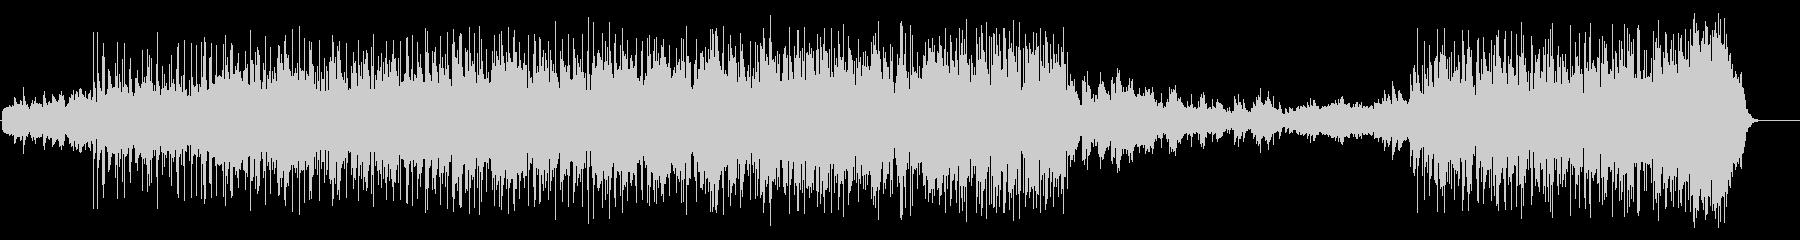 ムーディーなアーバン・ナイトの未再生の波形